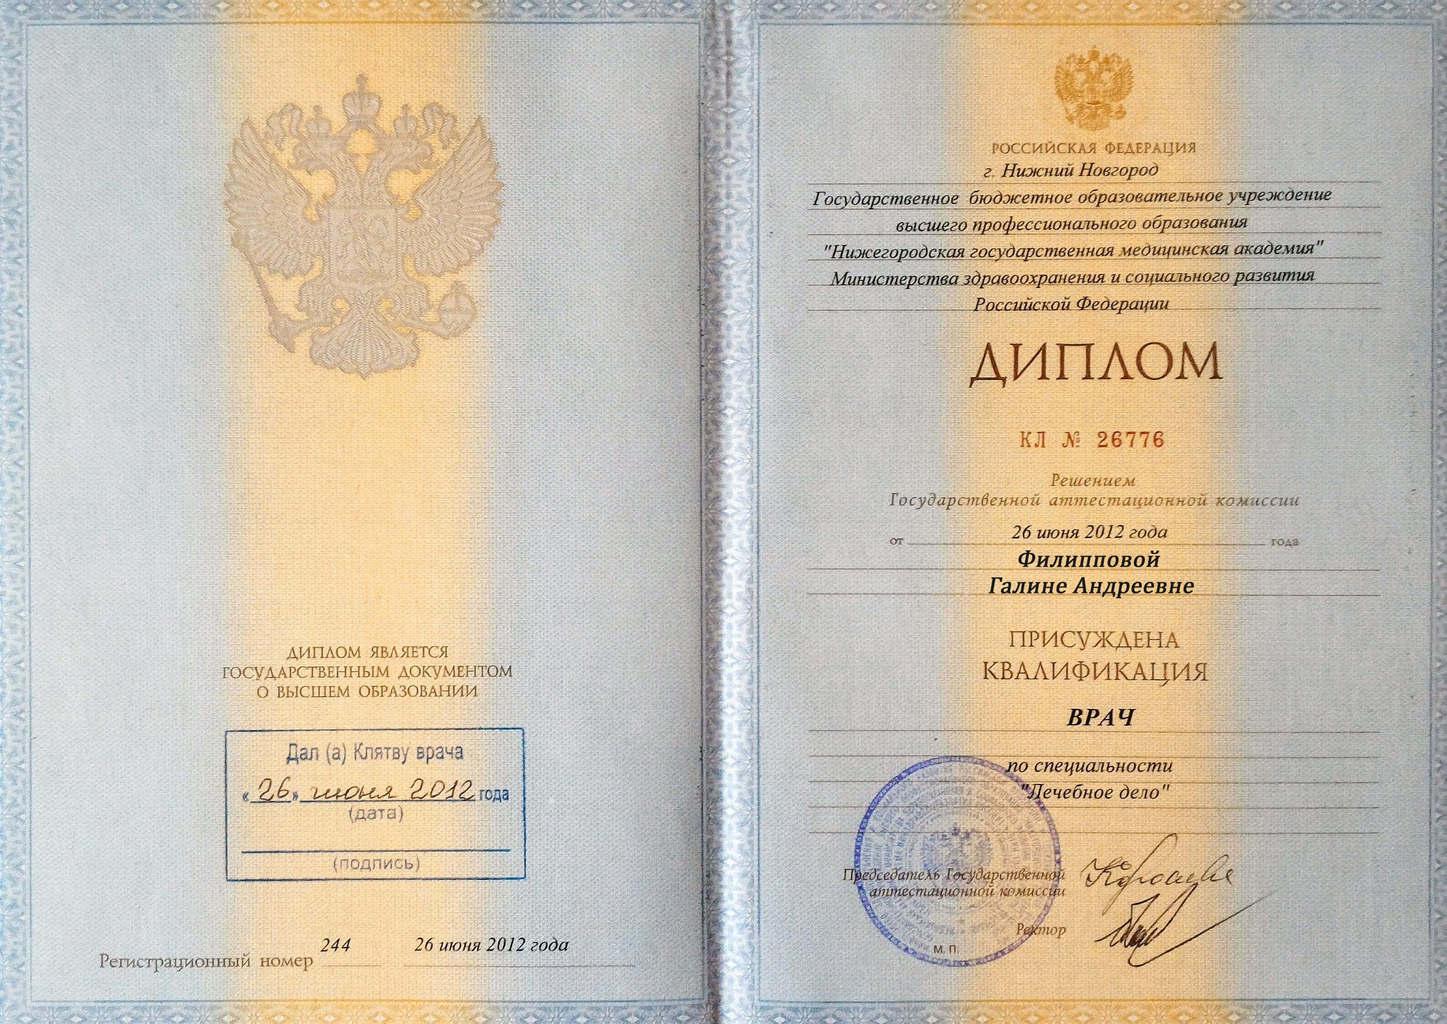 Диплом Нижегородская государственная медицинская академия (НижГМА)